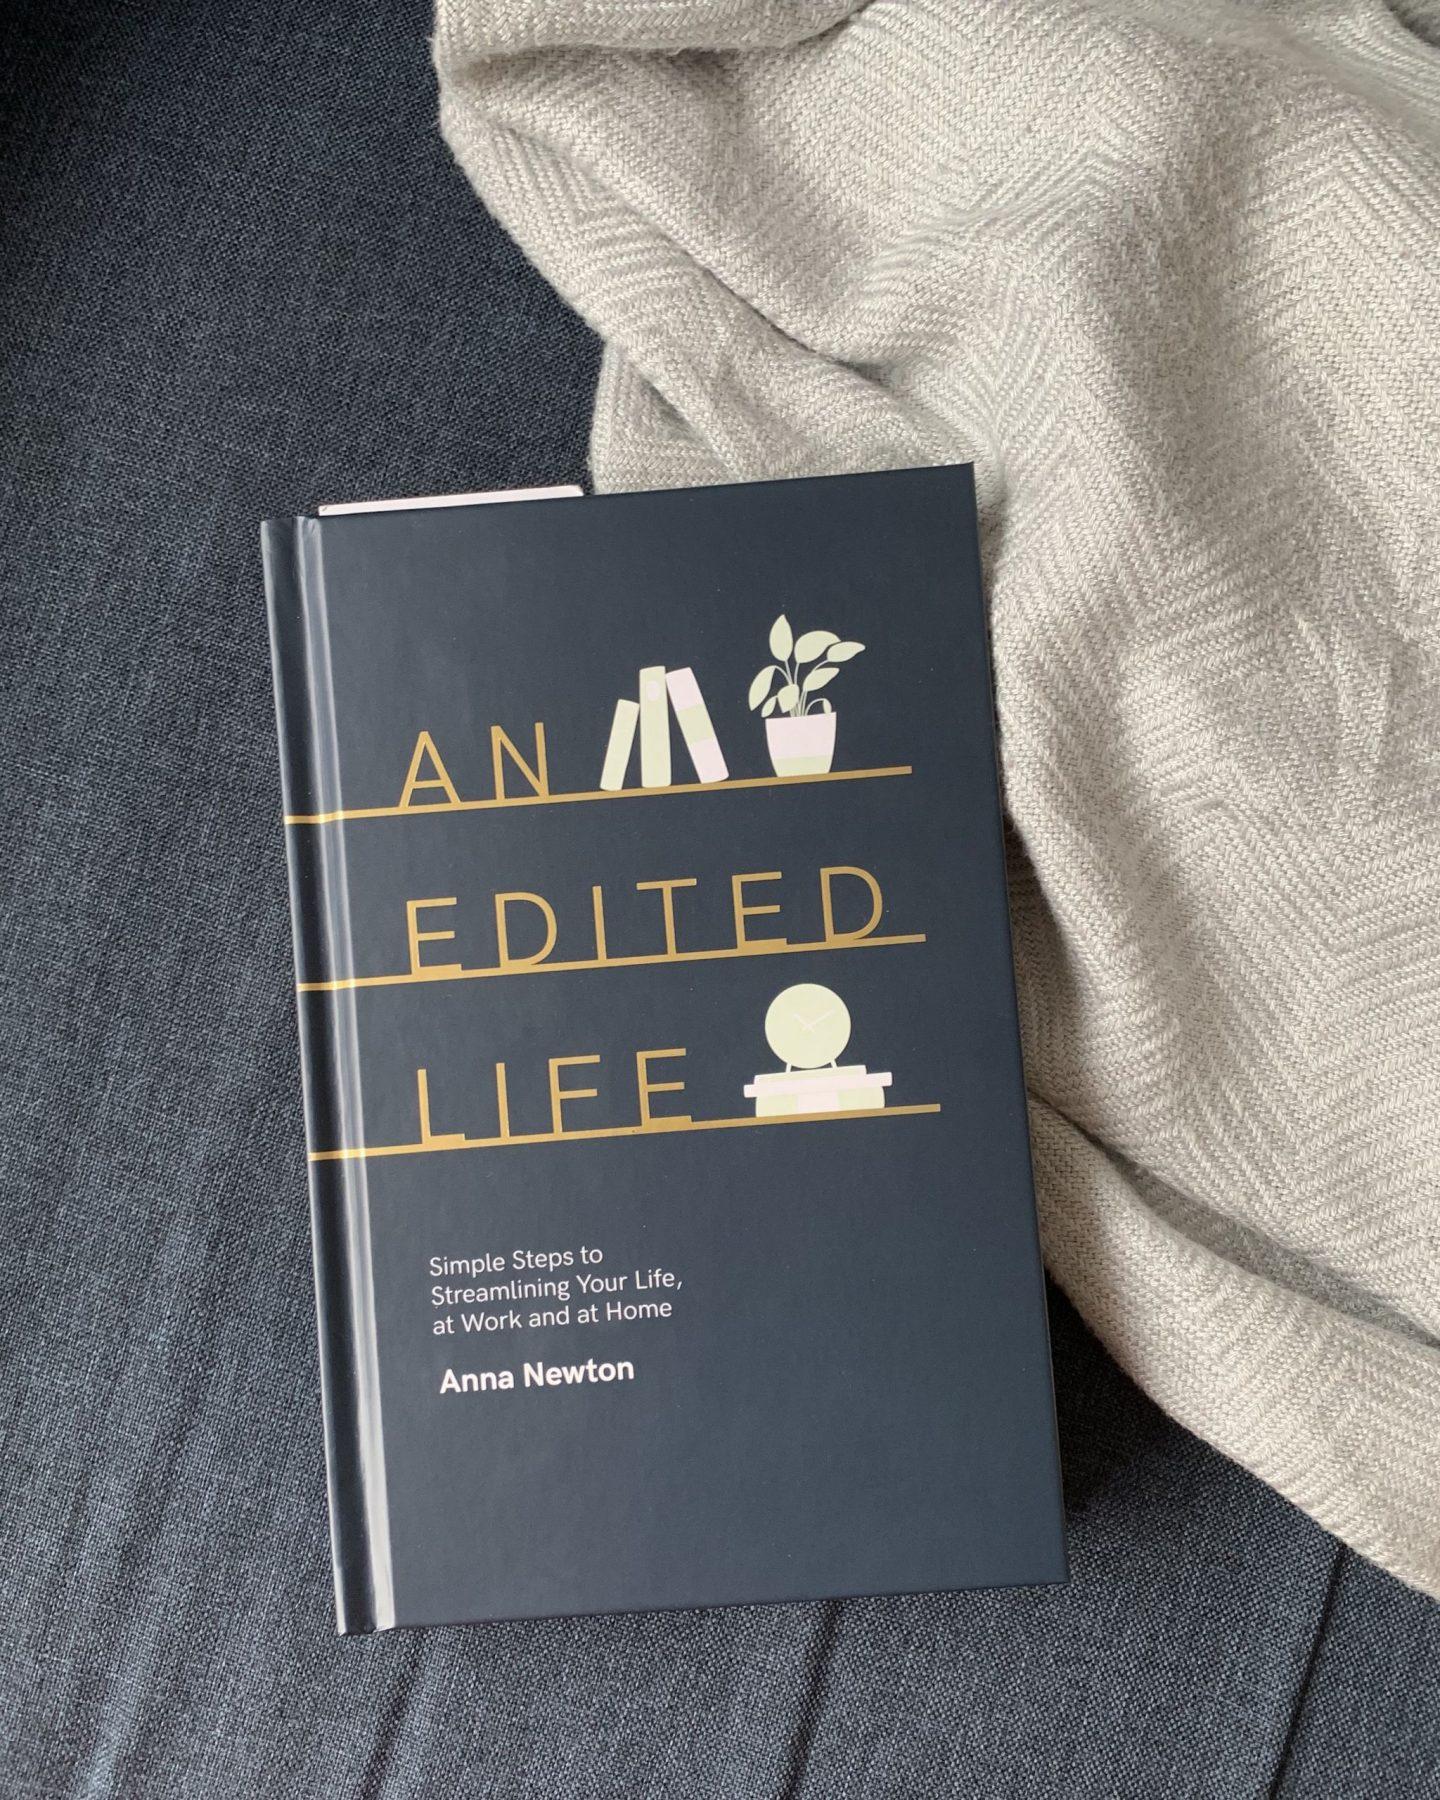 Books I've been loving #3